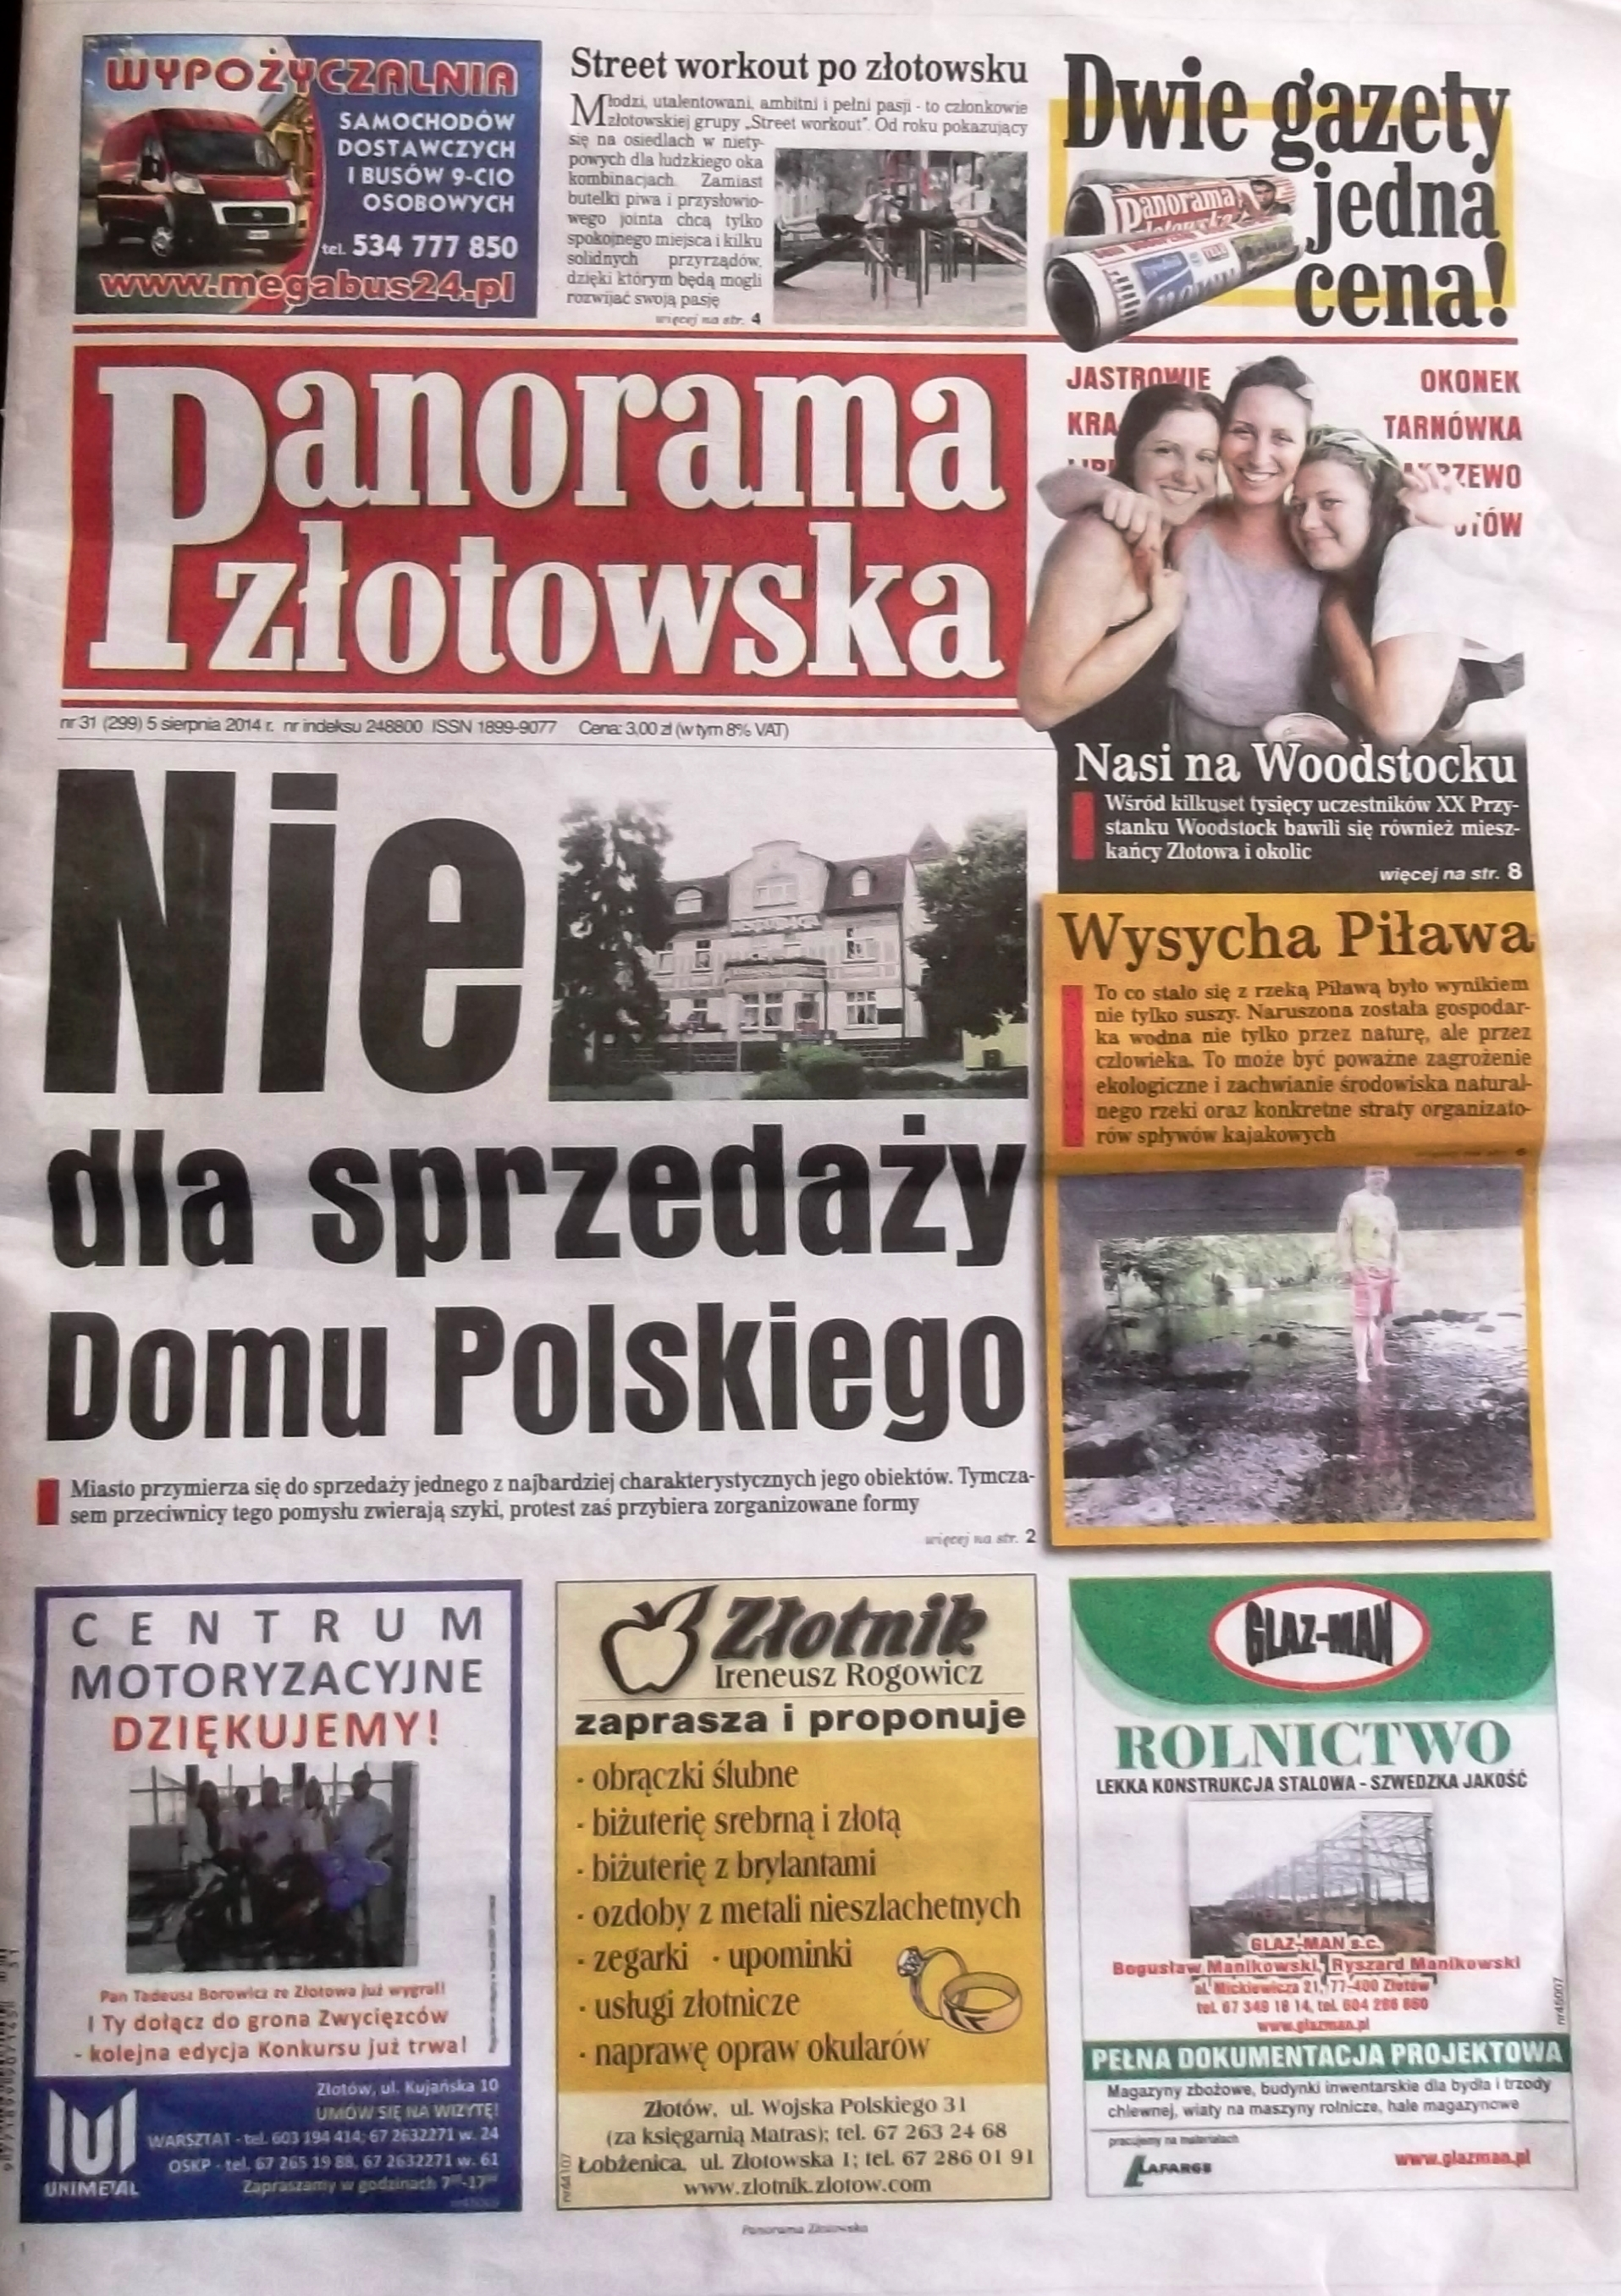 Krajenka_prasa (2)